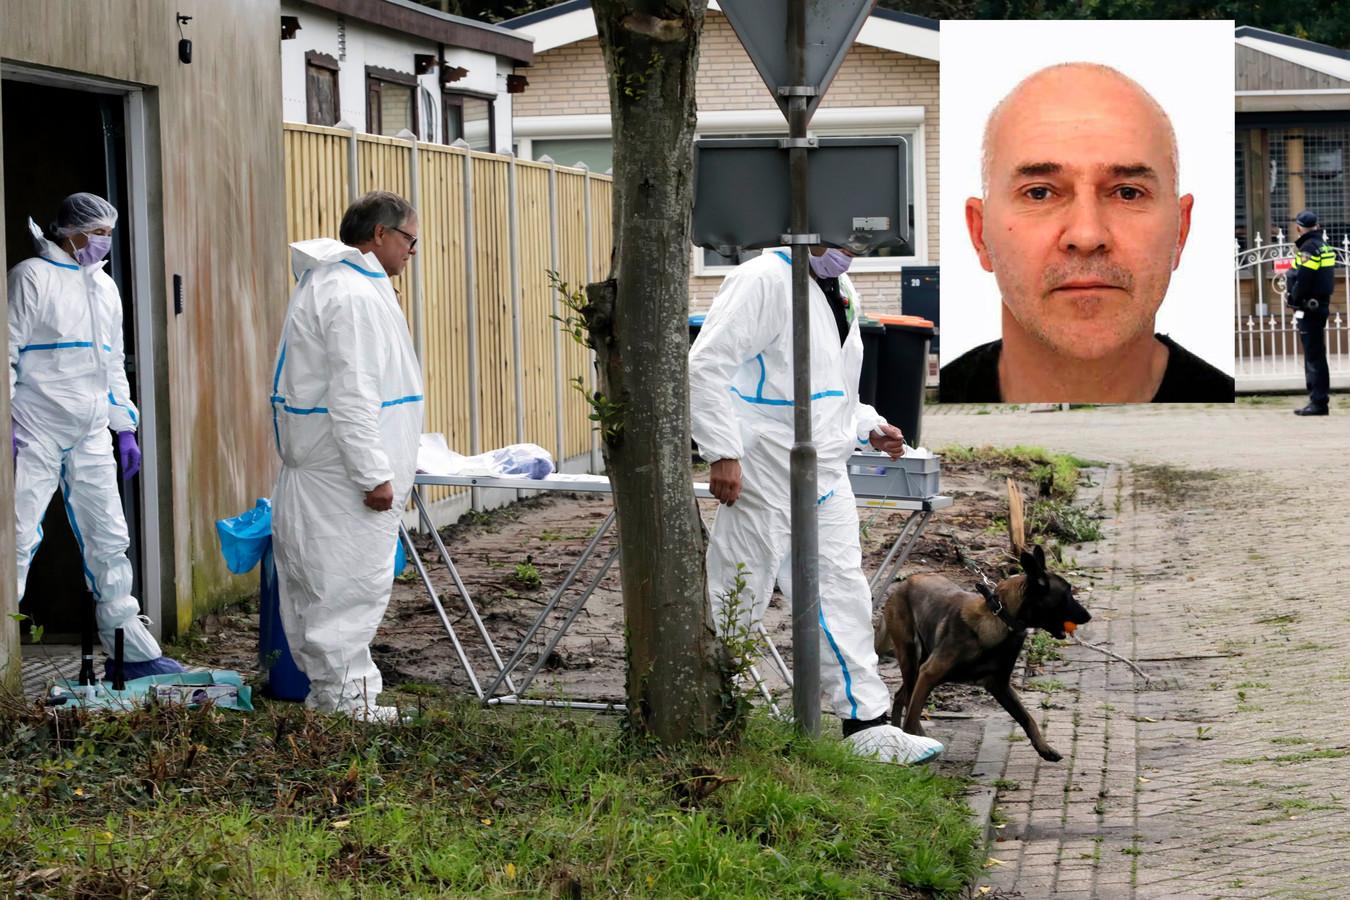 Het politieonderzoek bij de loods op het woonwagencentrum aan de Westlandse Langeweg in Steenbergen. Inzet: Johan van der Heyden.